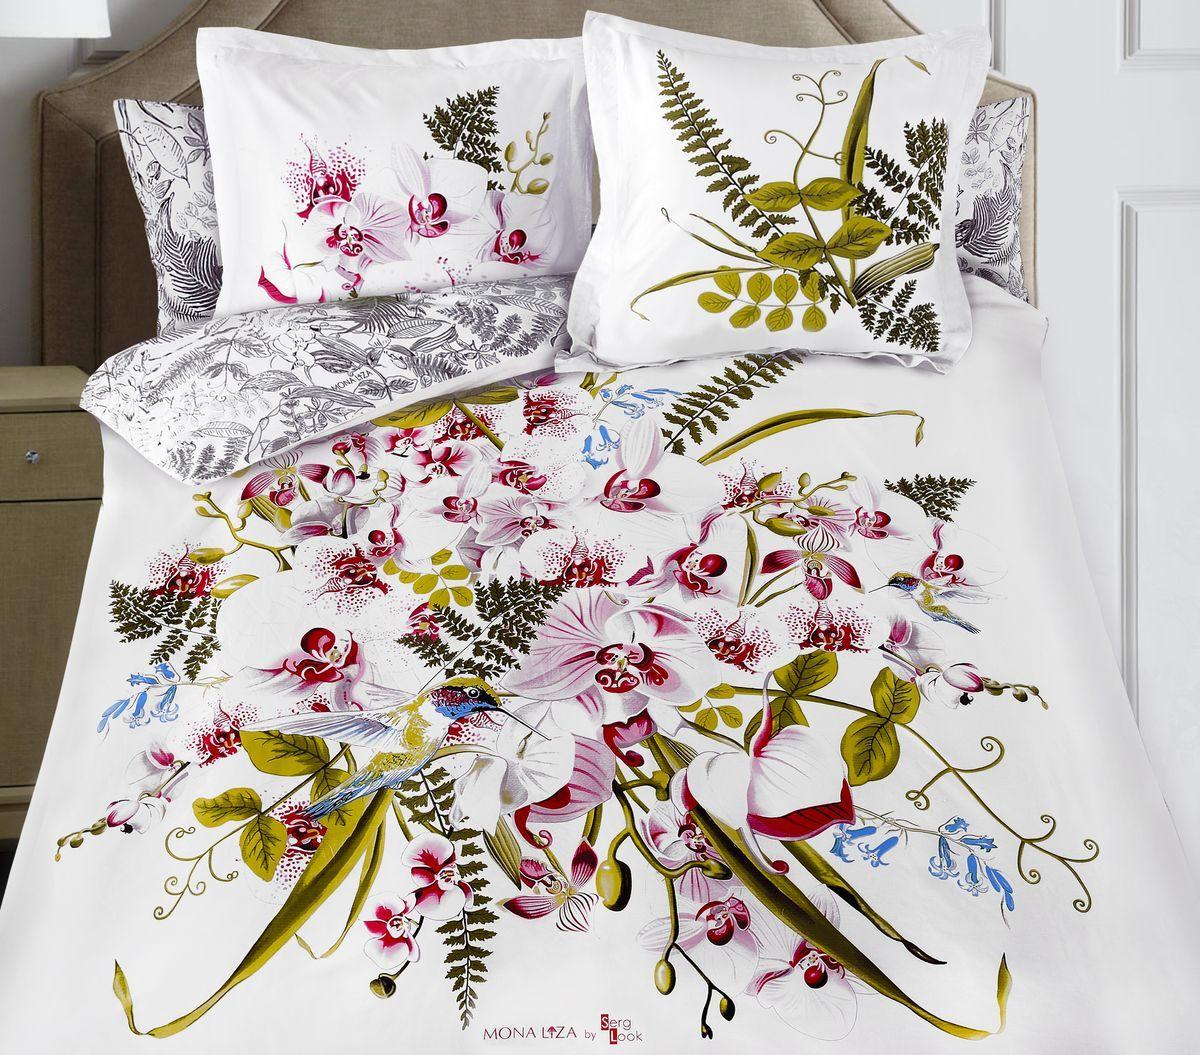 Комплект белья Mona Liza Orchid, евро, наволочки 50x70 и 70x709/5Флоральные мотивы редких экзотических цветов, переведенные в паттерн, позаимствованы из путешествий по тропическим лесам, будоражат воображение природными сочетаниями цветовых палитр и роскошью принтов. Коллекция принесет в ваш дом незабываемое настроение и добавит колорит. Высококачественный сатин окутает и позволит раствориться в мечтах о дальних жарких странах и окунуться во время вечного лета!